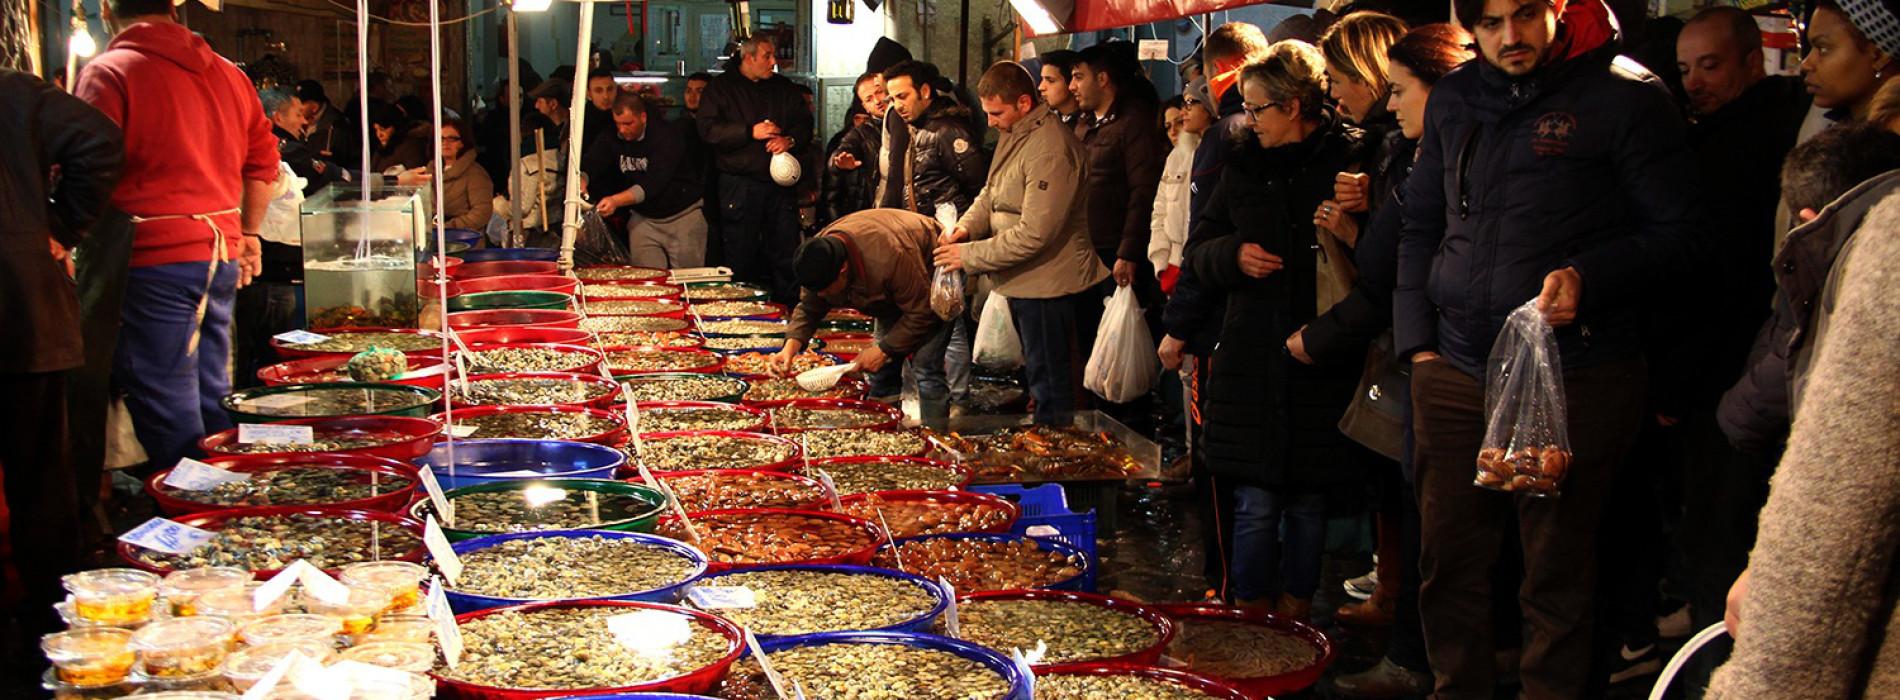 Sei mercati di Napoli